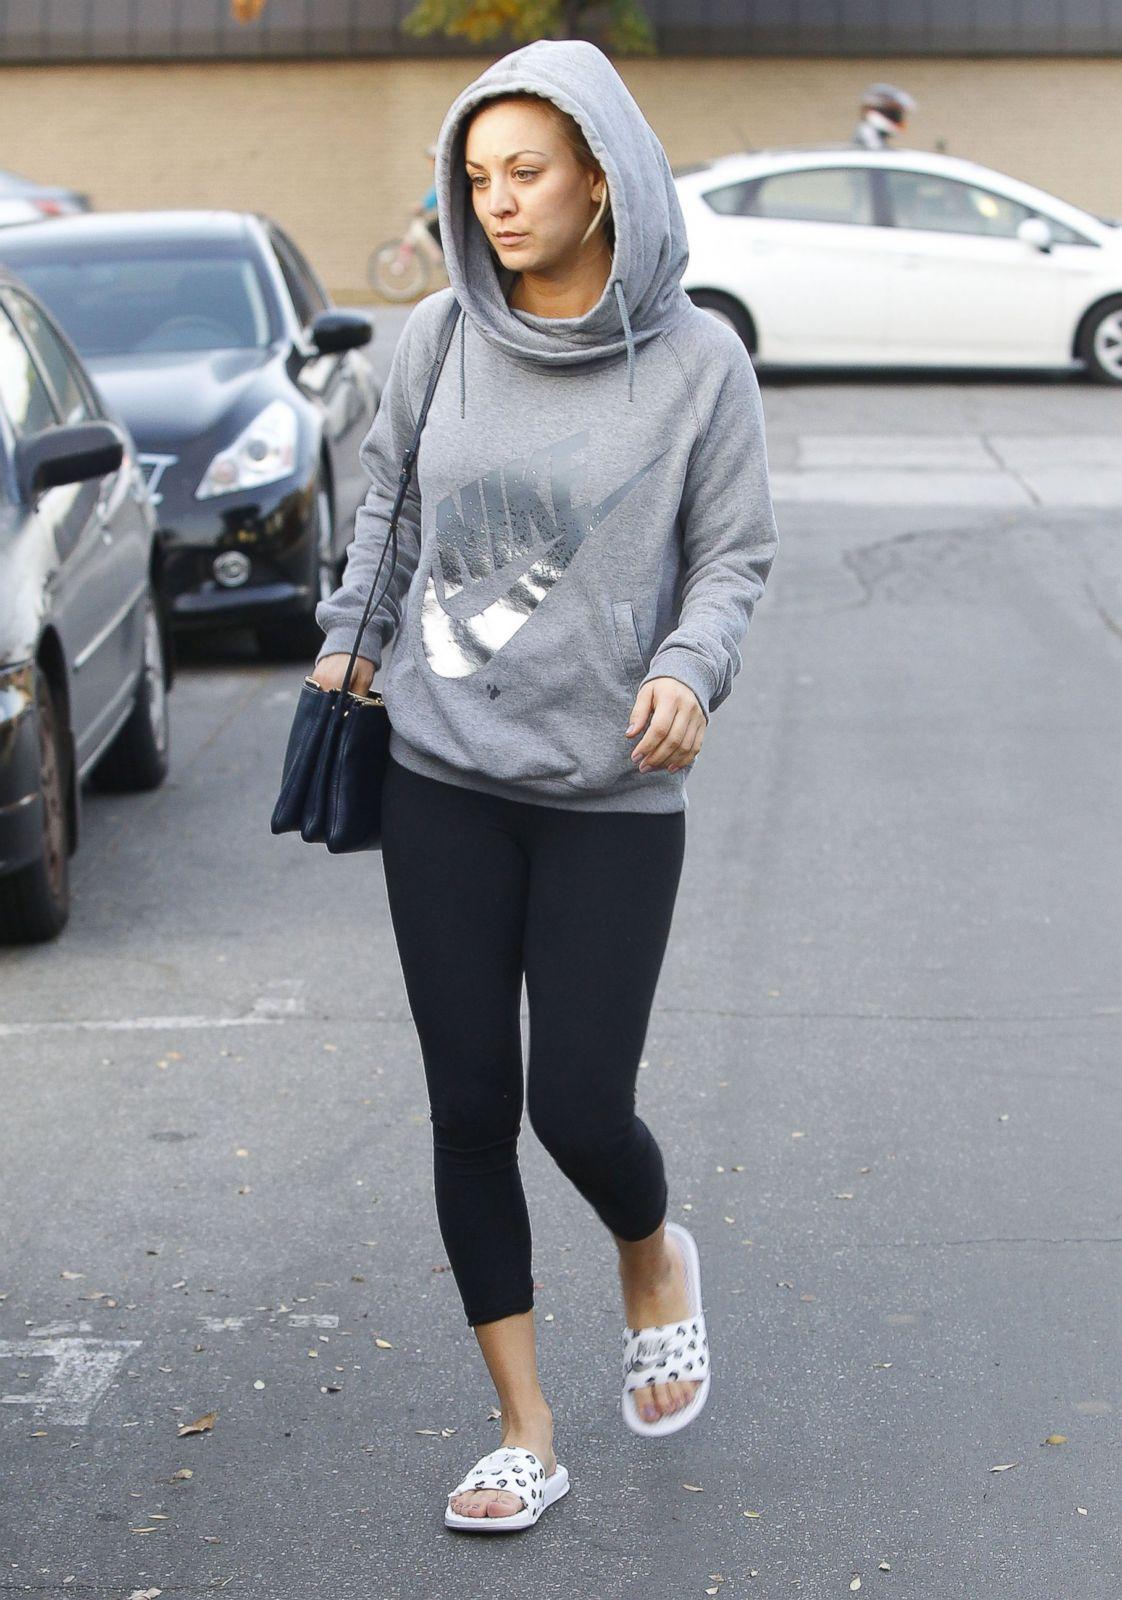 Hoodies and leggings